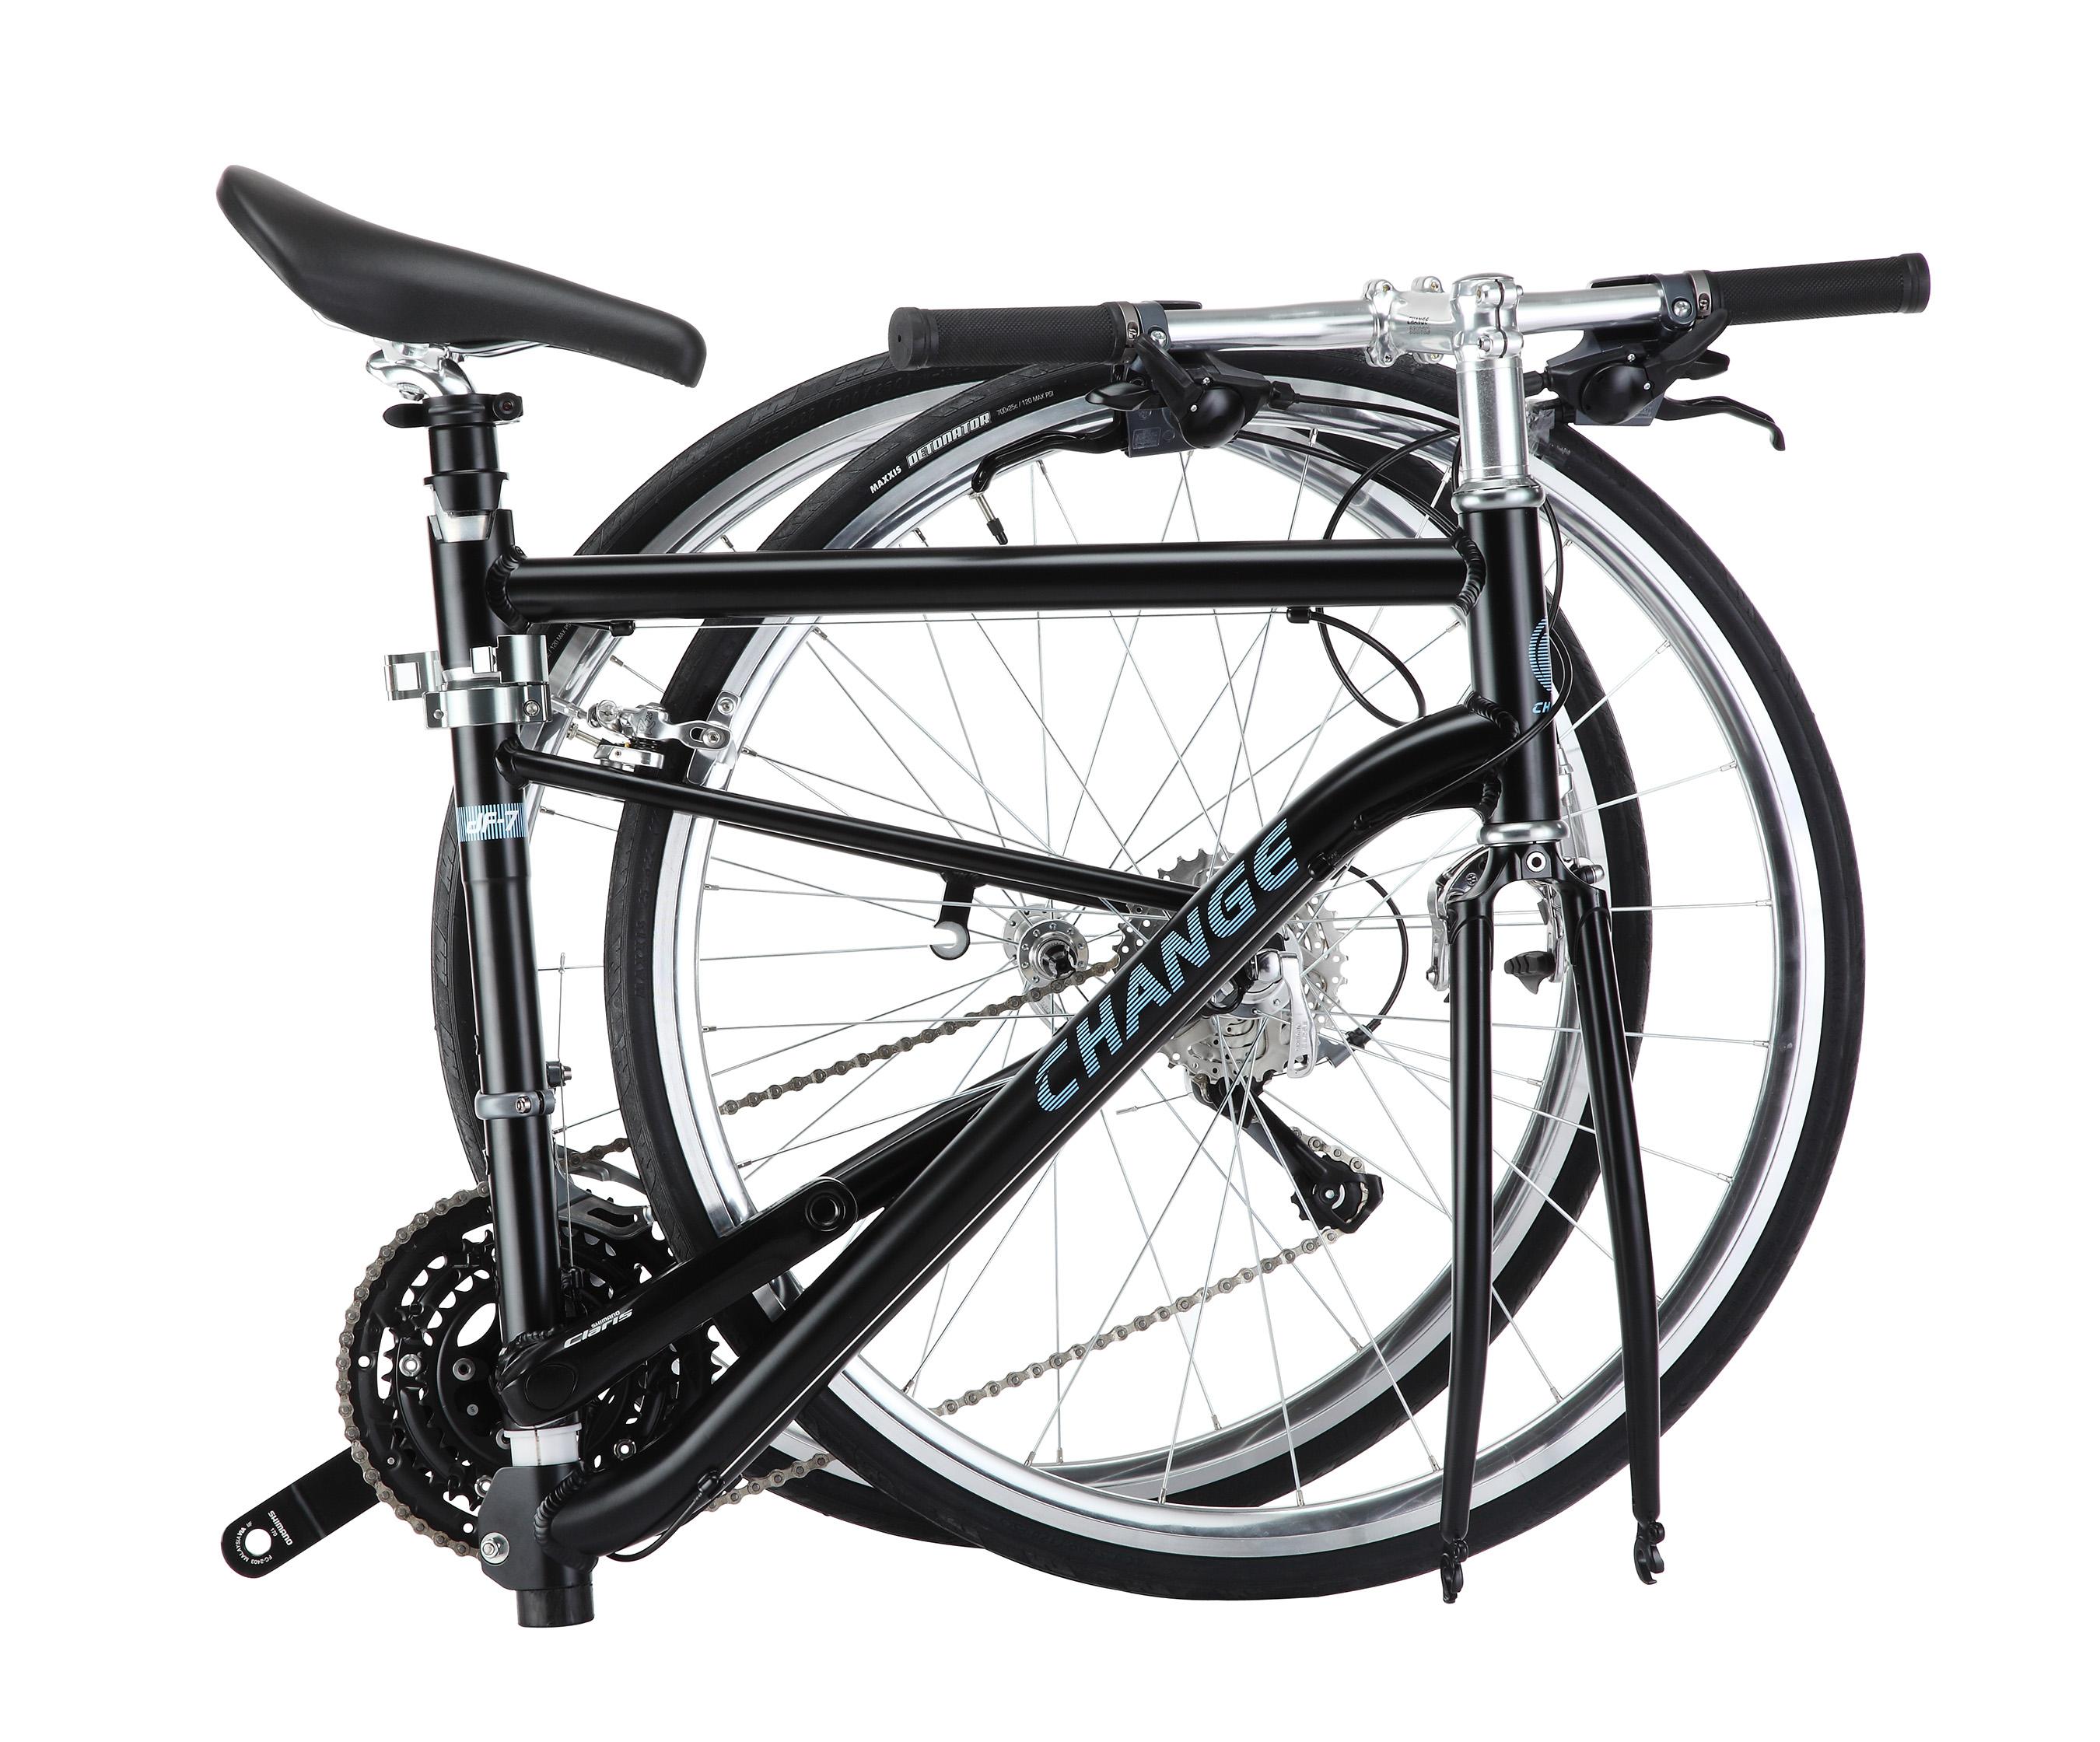 DF-702 commuter bike folded